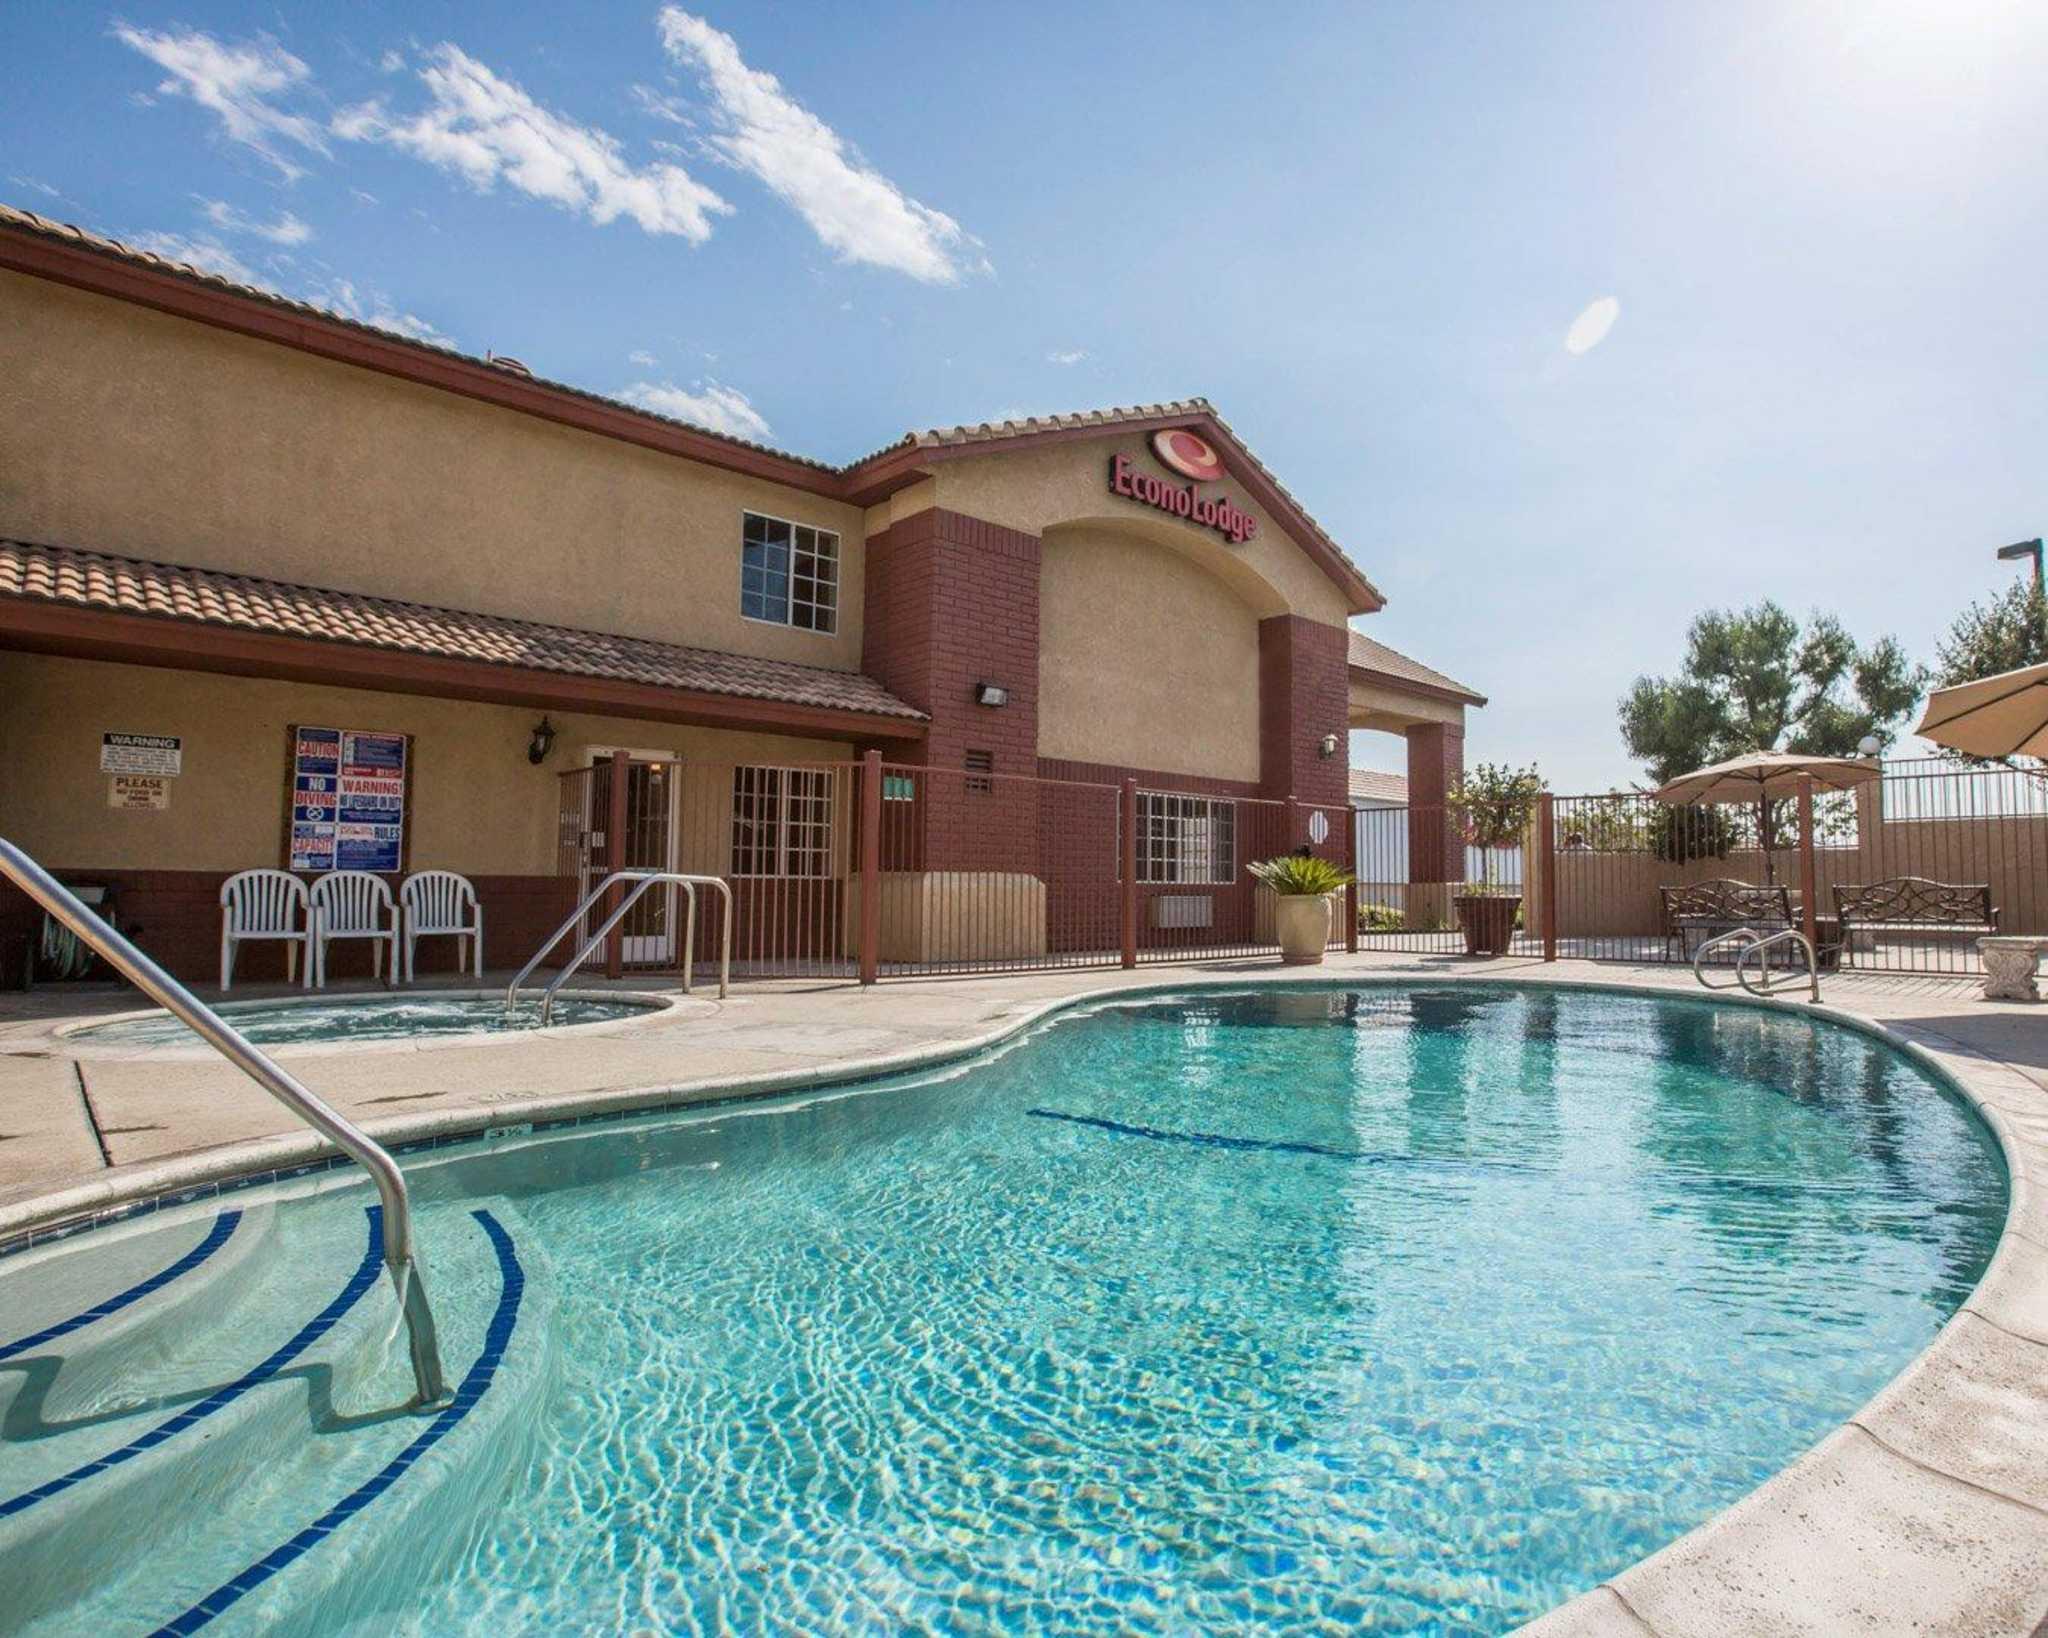 Fontana Ca Hotels Motels